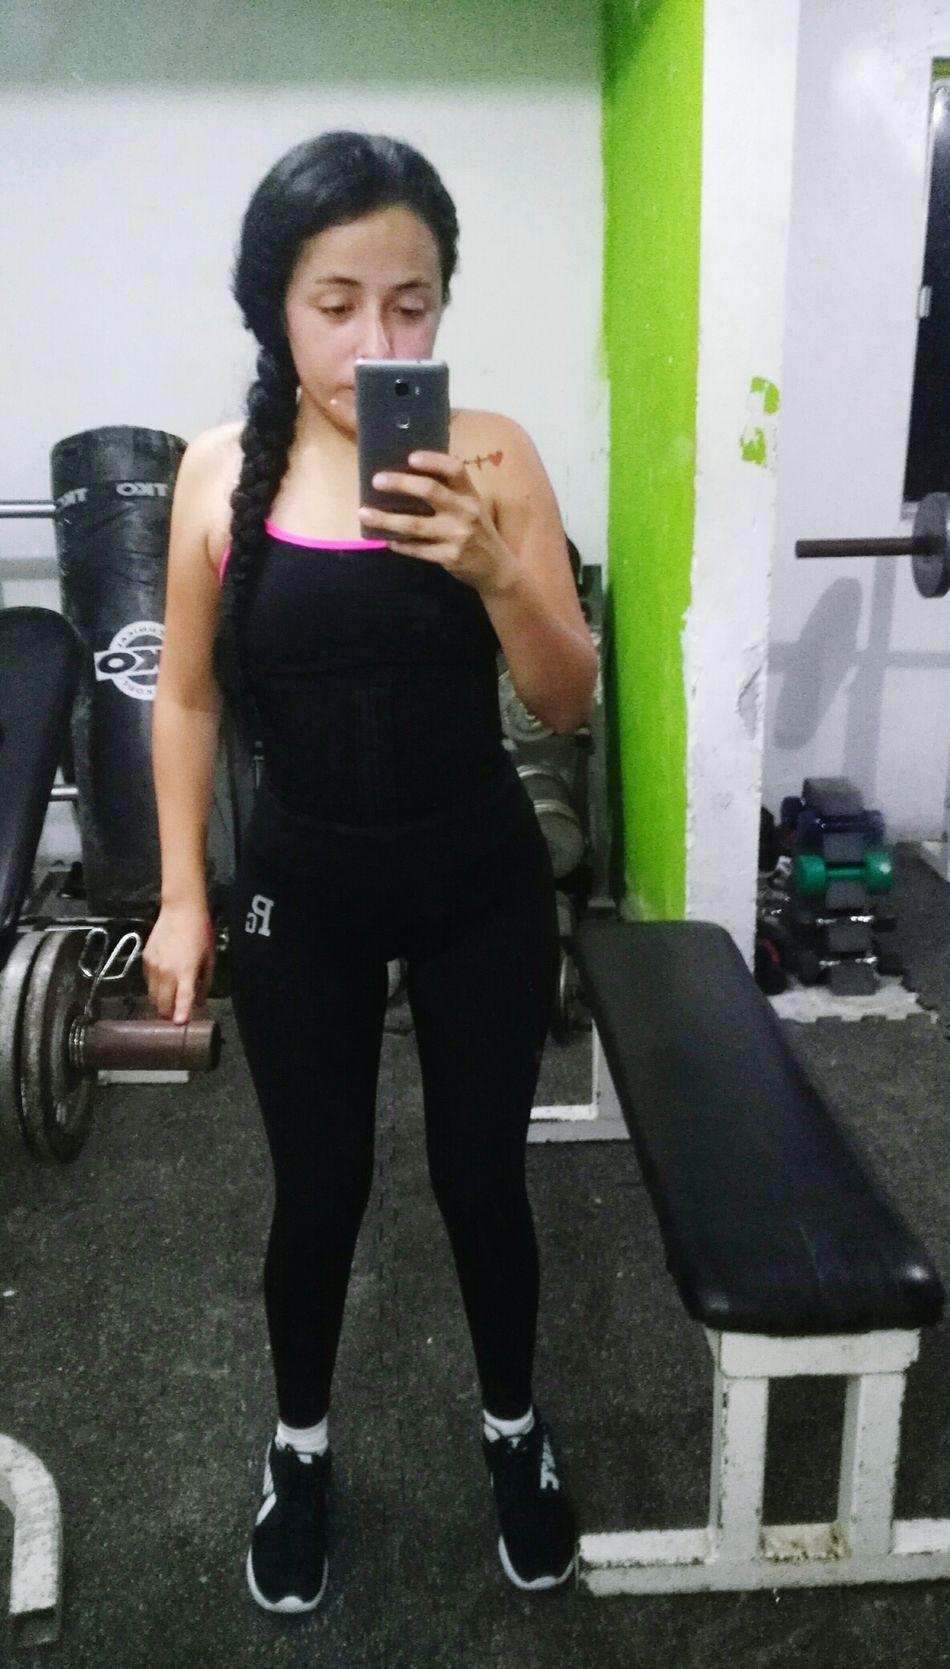 Gym Time Quererespoder Contodalaactitud 😊 😚